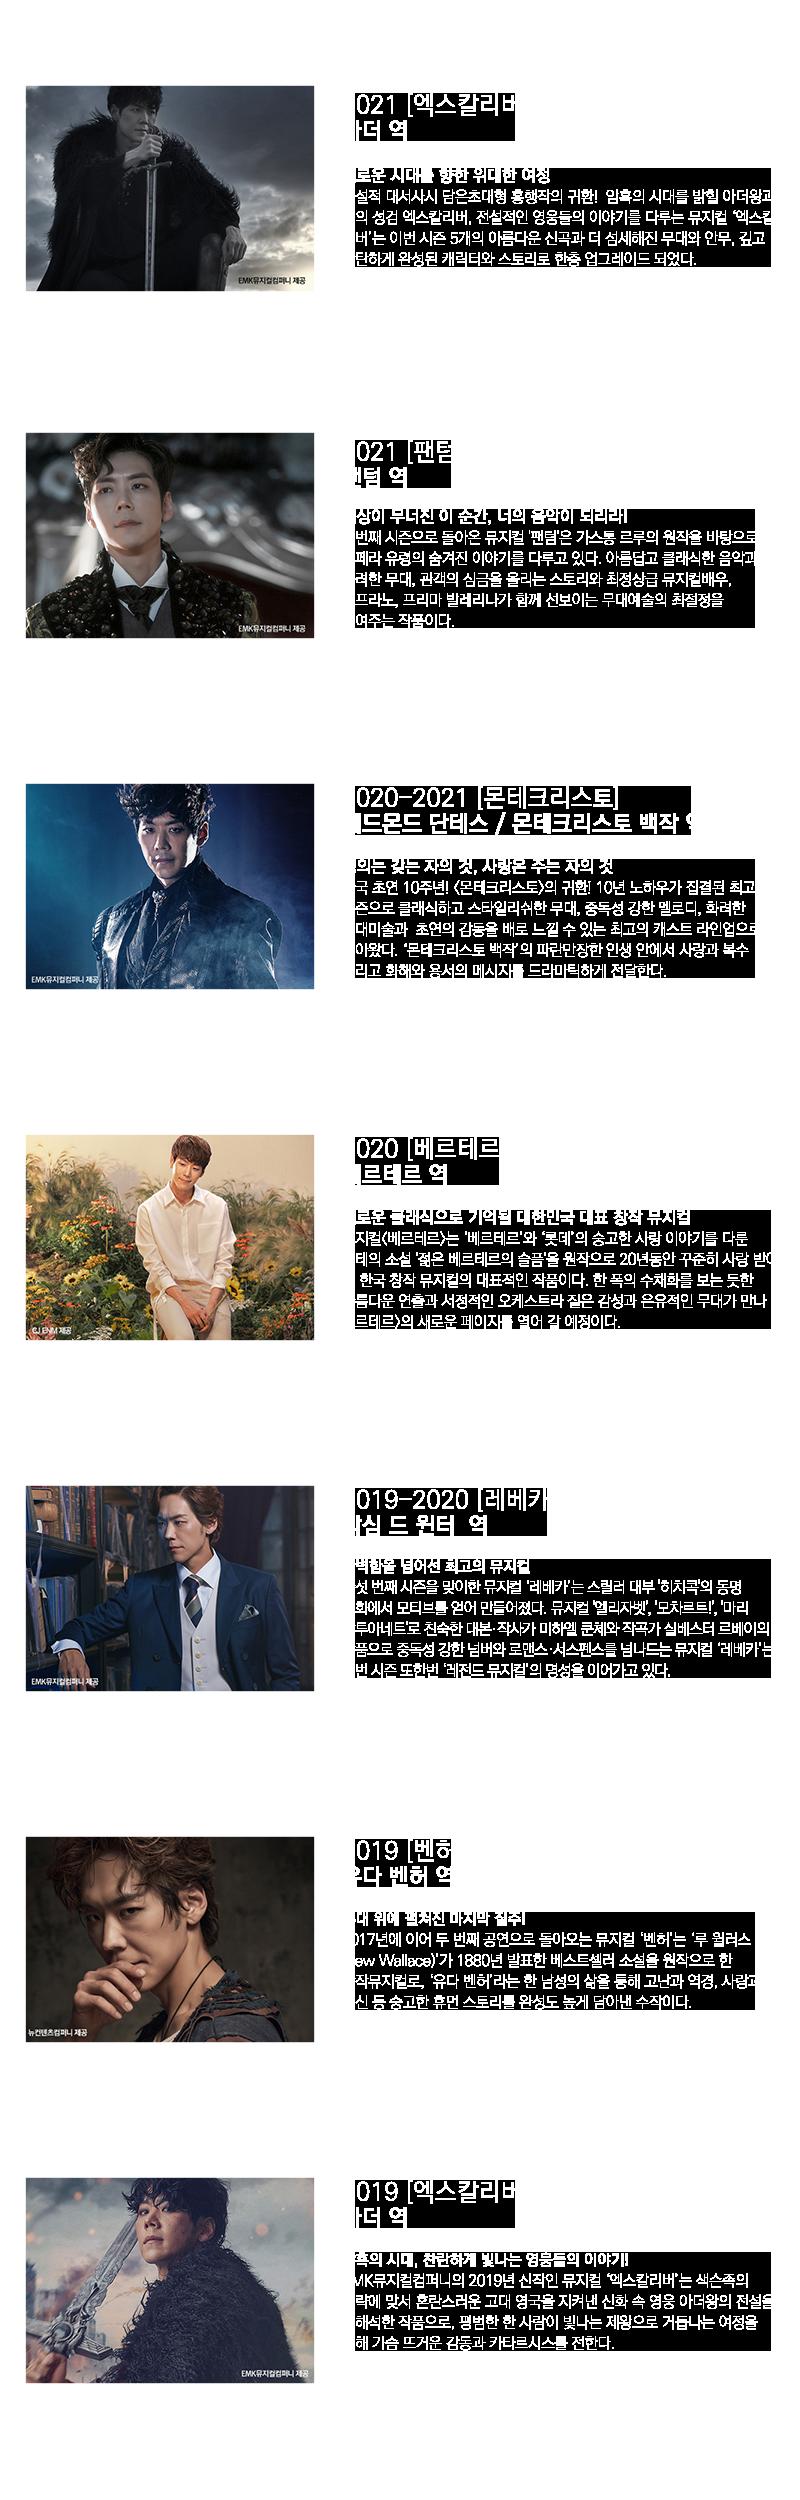 뮤지컬-필모-2021-수정-3.png